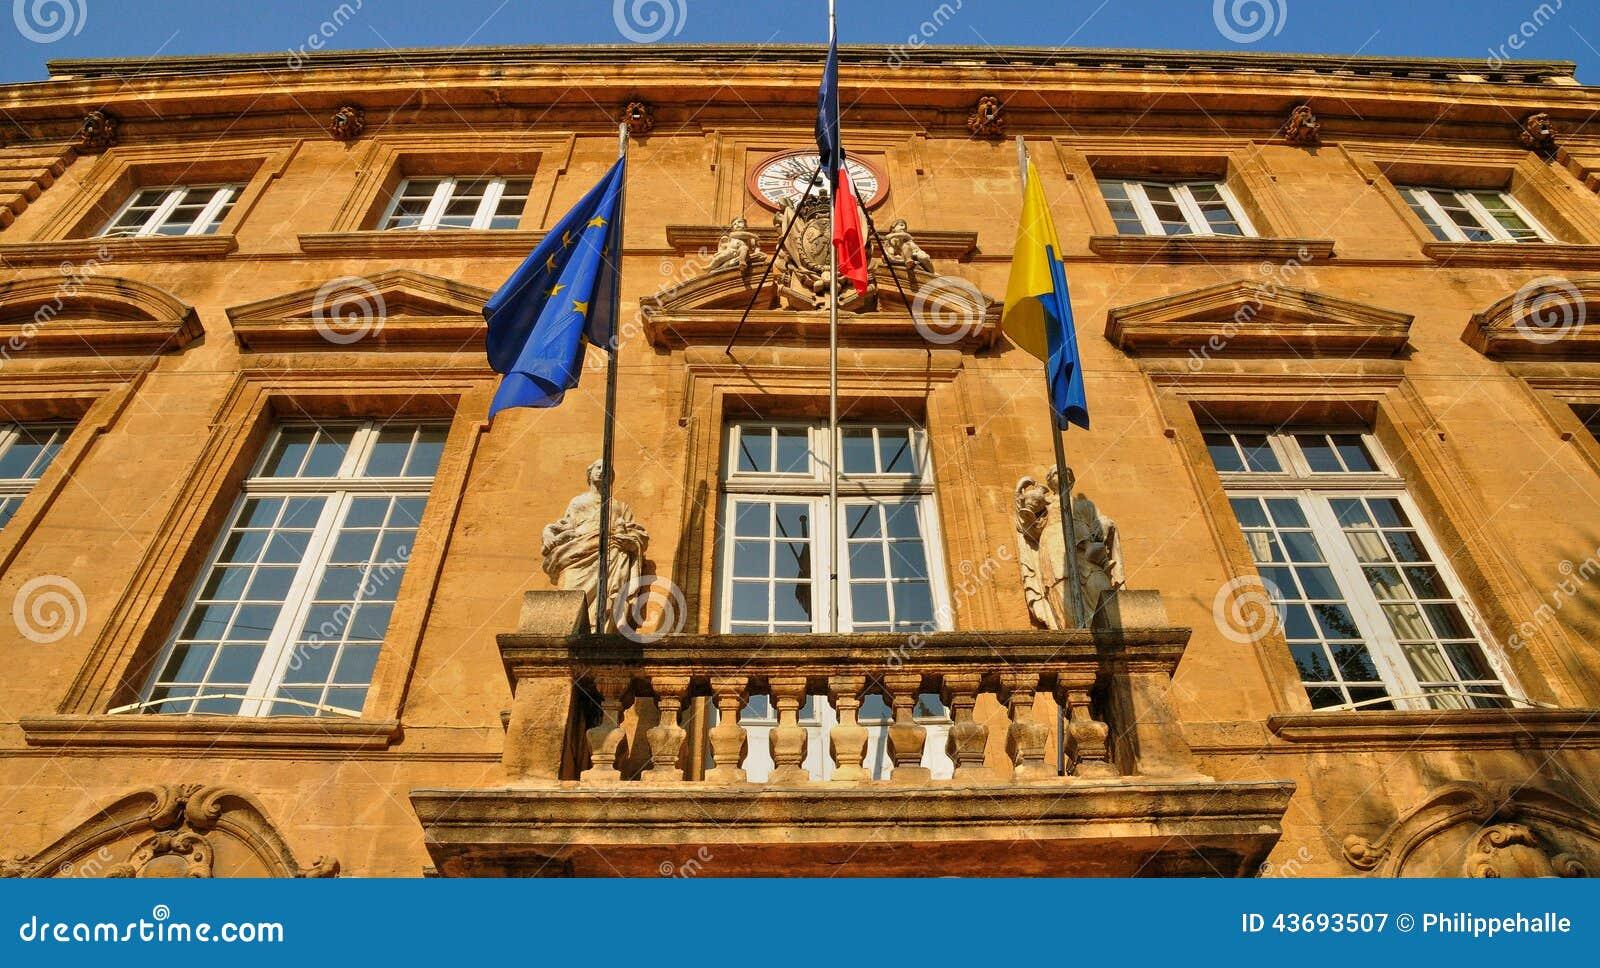 Frankrijk bouche du de rh ne stad van salon de provence stock afbeelding afbeelding 43693507 - Foto van sallon ...